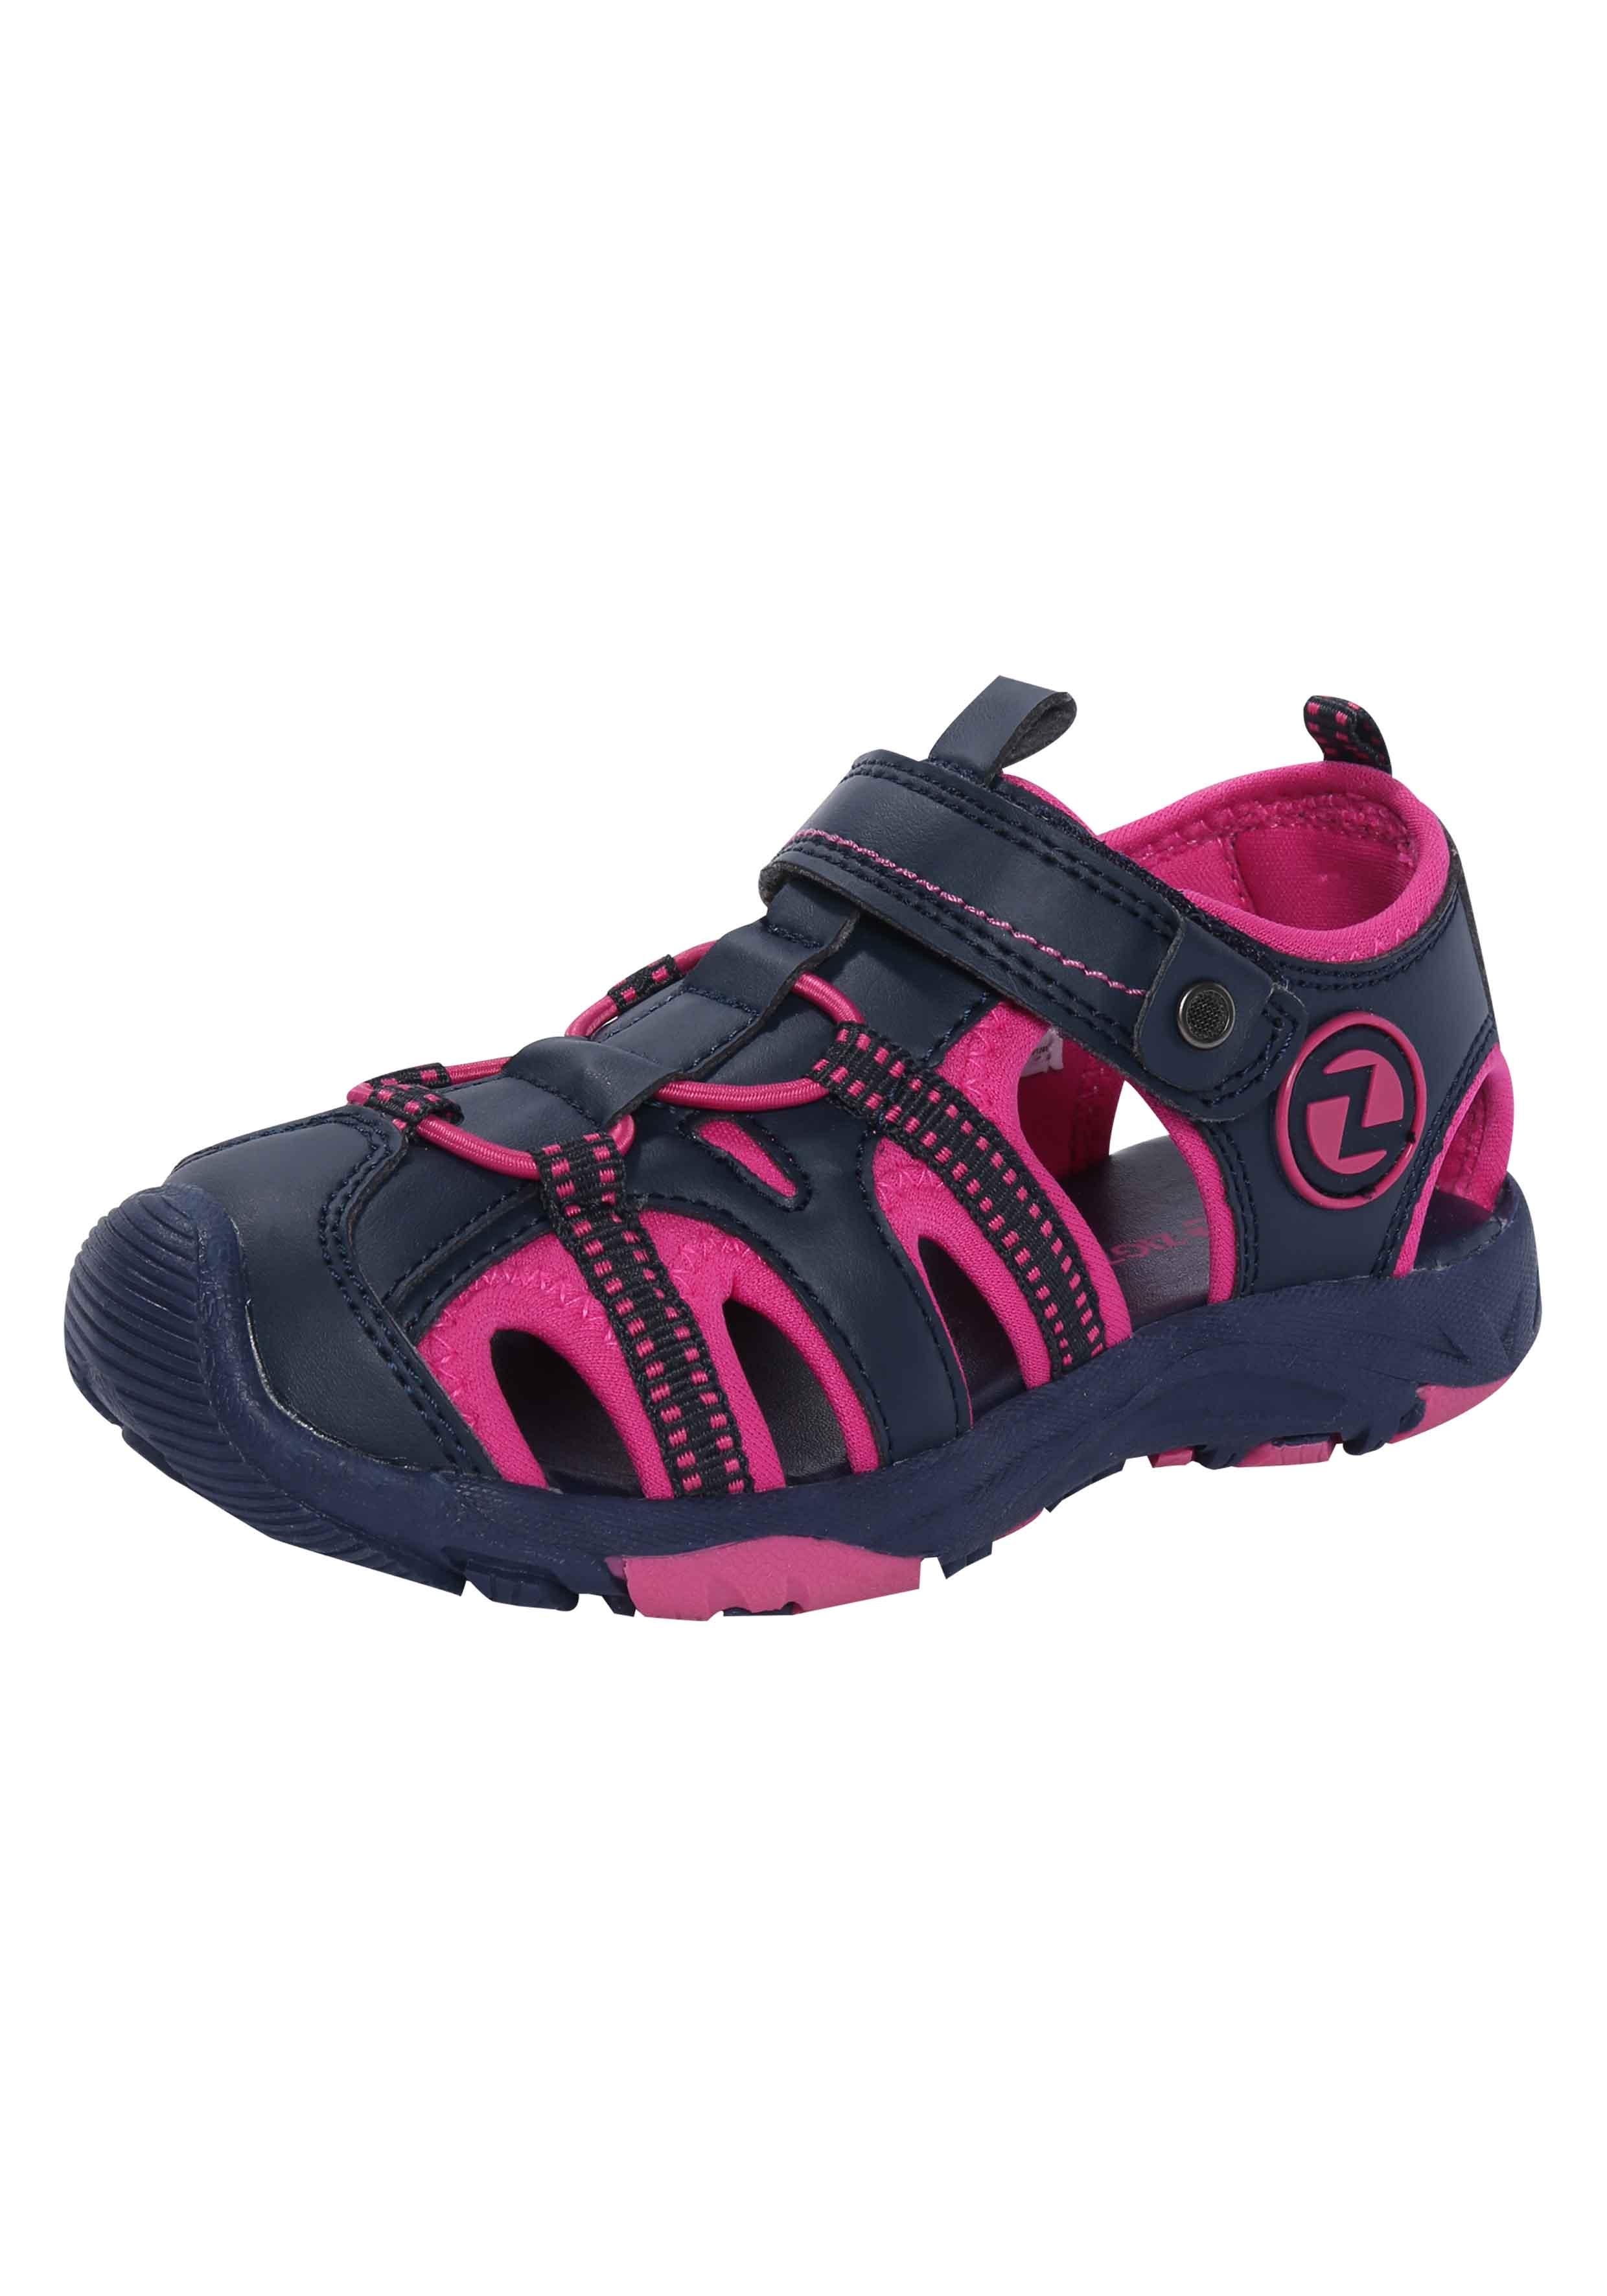 ZIGZAG Sandalen mit praktischem Klettverschluss Hayden | Schuhe > Sandalen & Zehentrenner > Sandalen | Pink | Textil | Zigzag